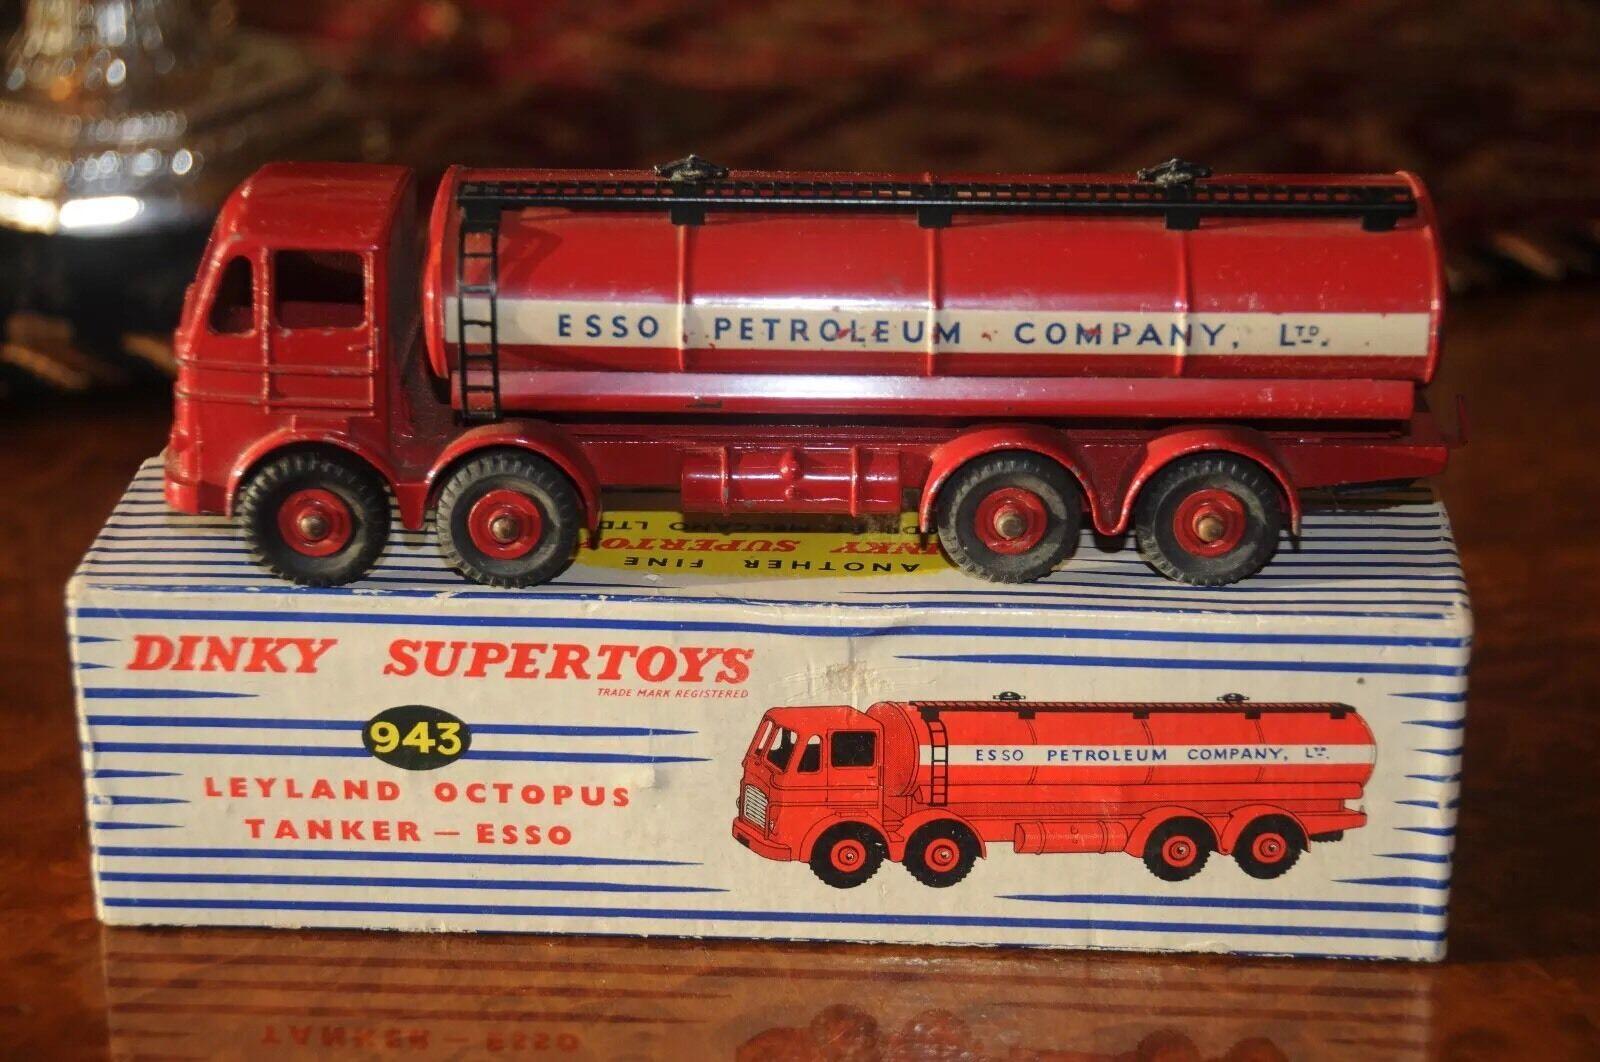 Vintage Dinky Supertoys   Super MIB   Leyland Octopus Esso Citerne   943 -1